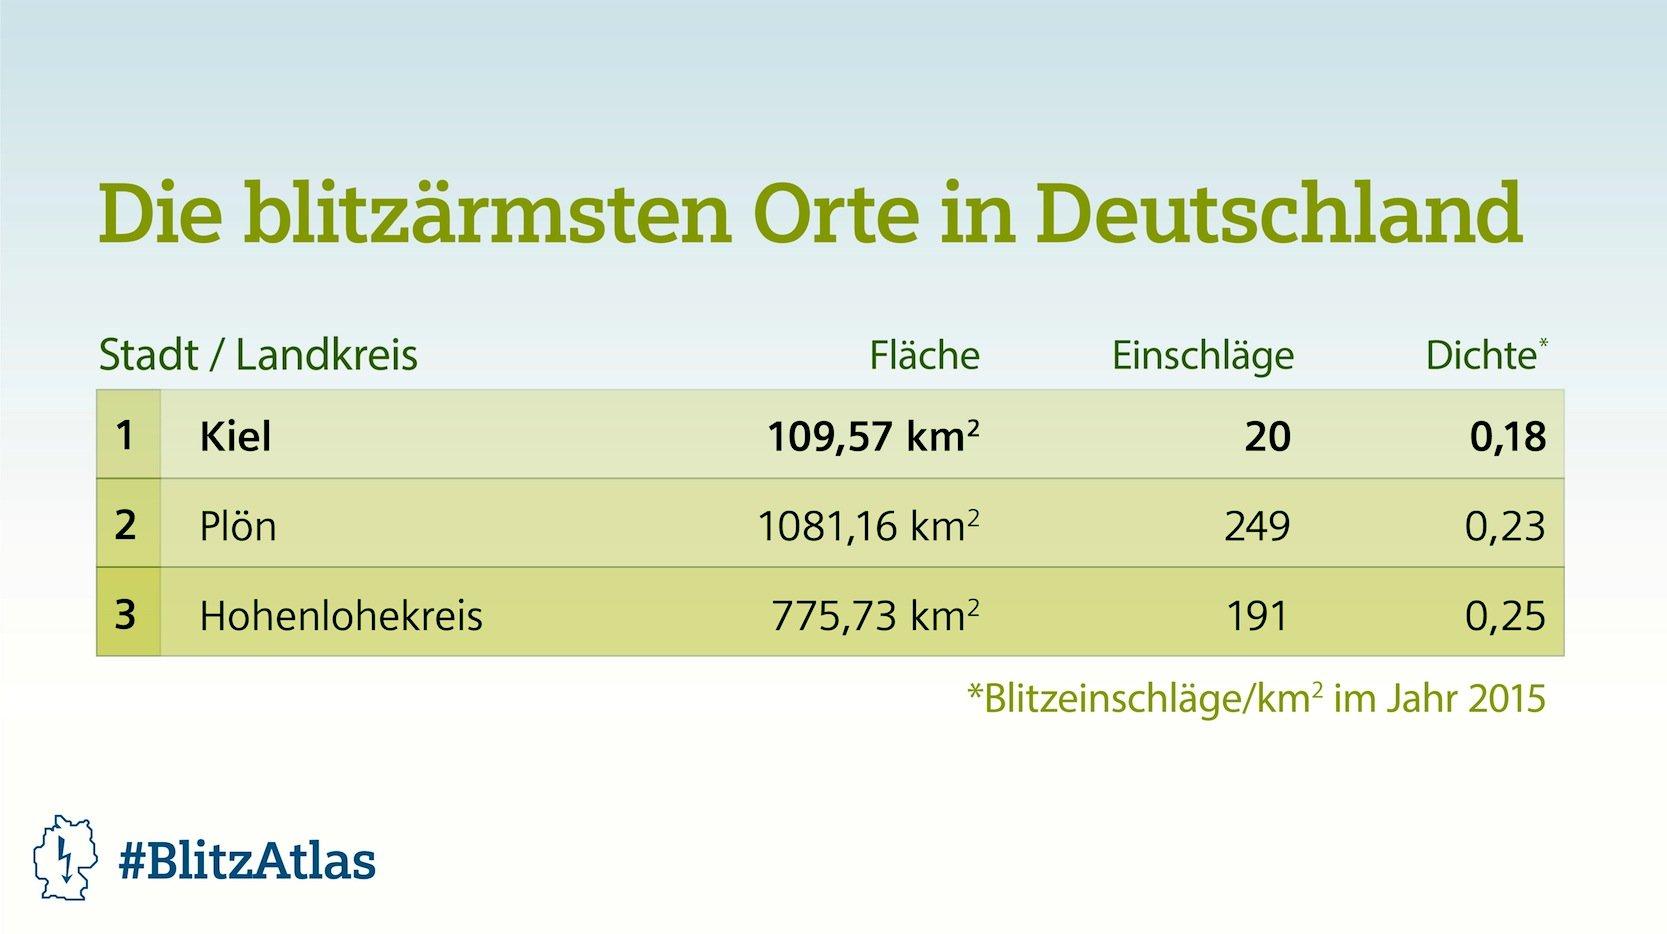 Die wenigsten Blitze gab es 2015 in Kiel, in Plön und im Kreis Hohenlohe.